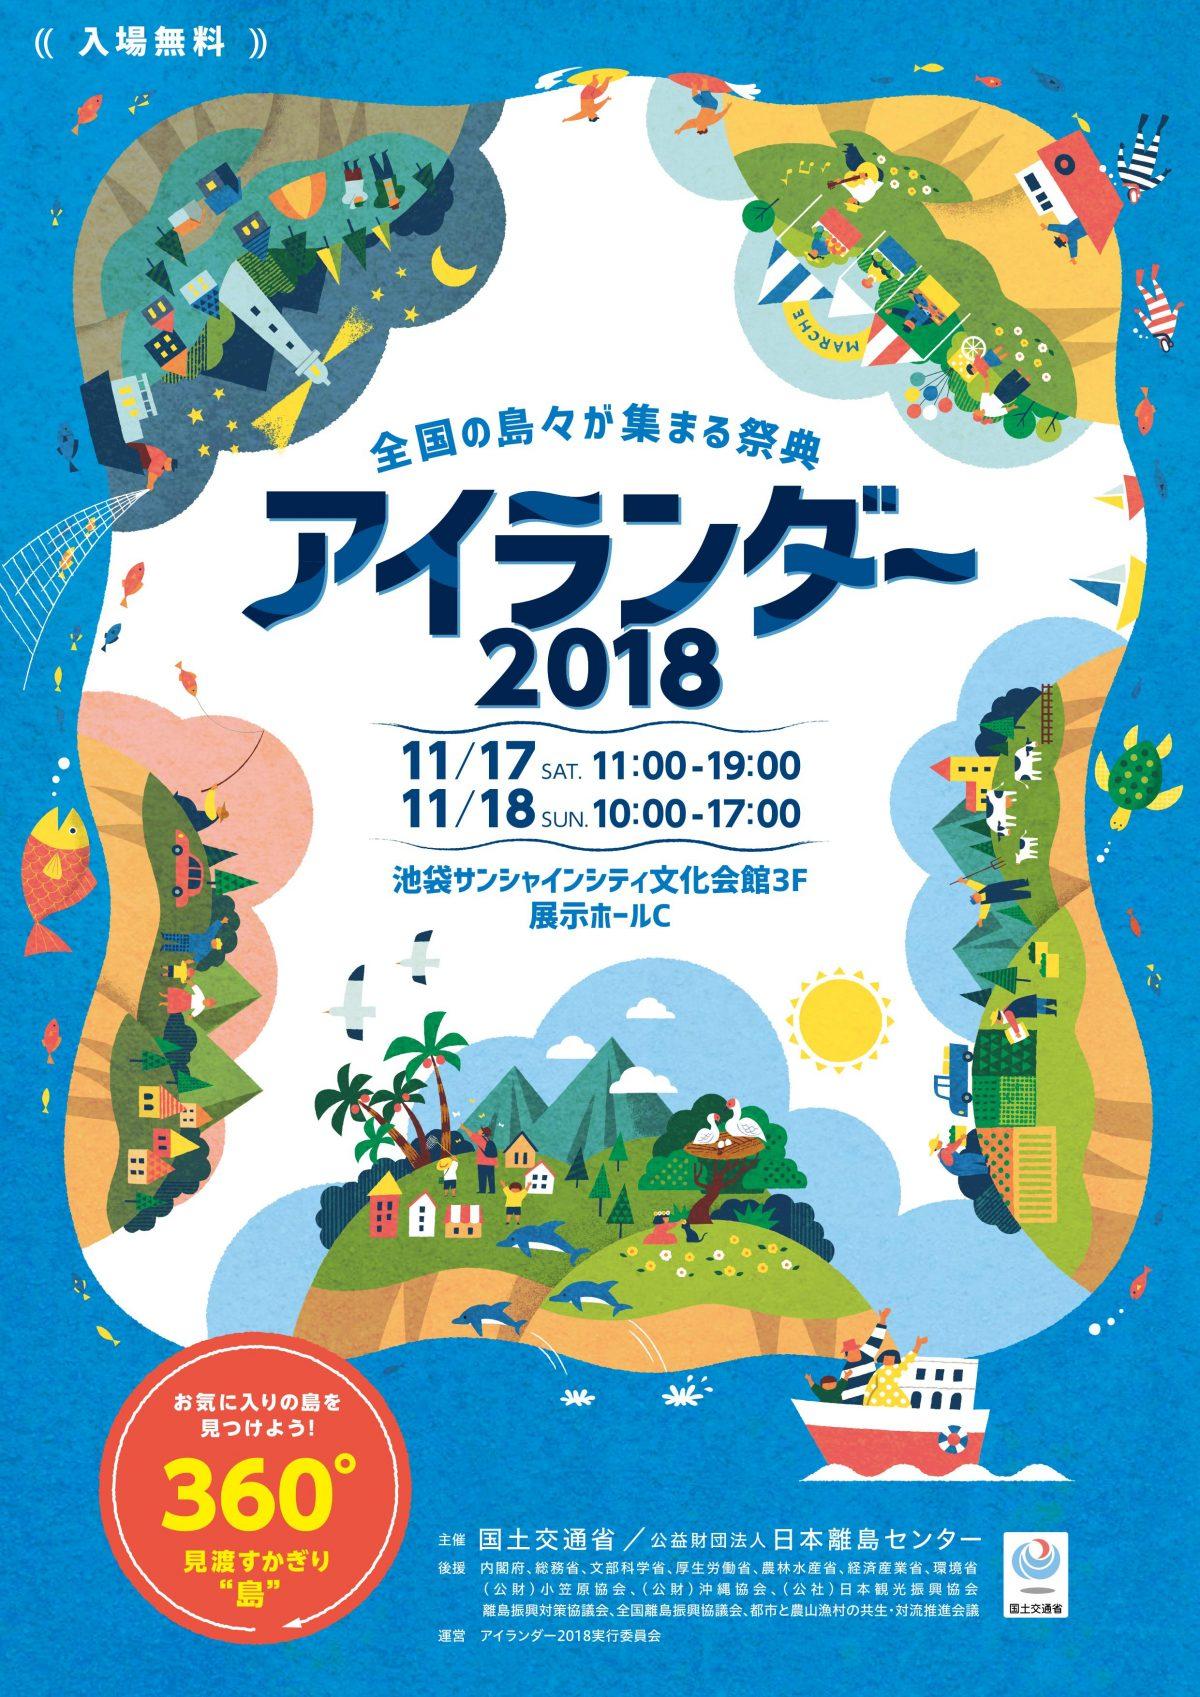 全国の島々が集まる祭典 アイランダー2018